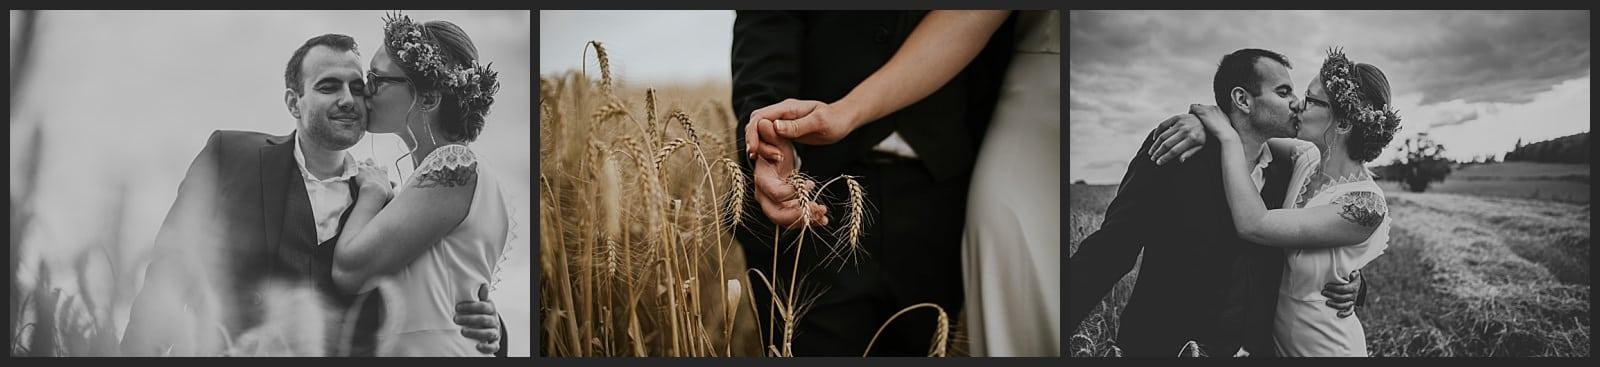 séance couple dans un champ de blé